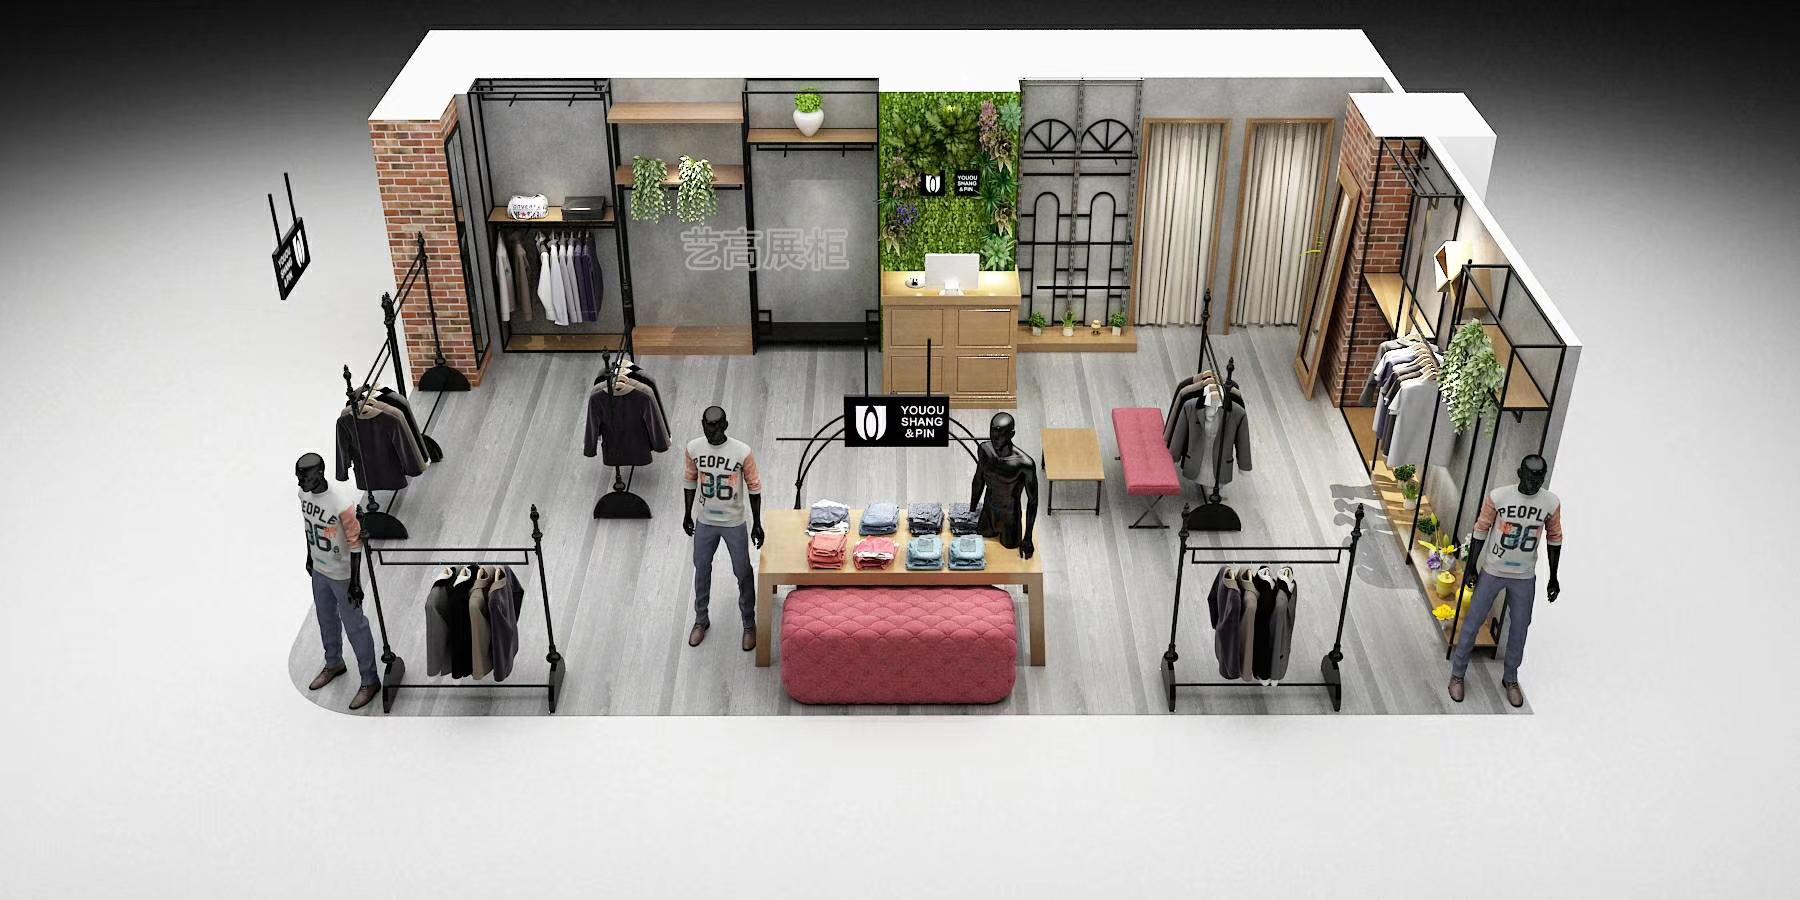 服装店展柜案例设计图